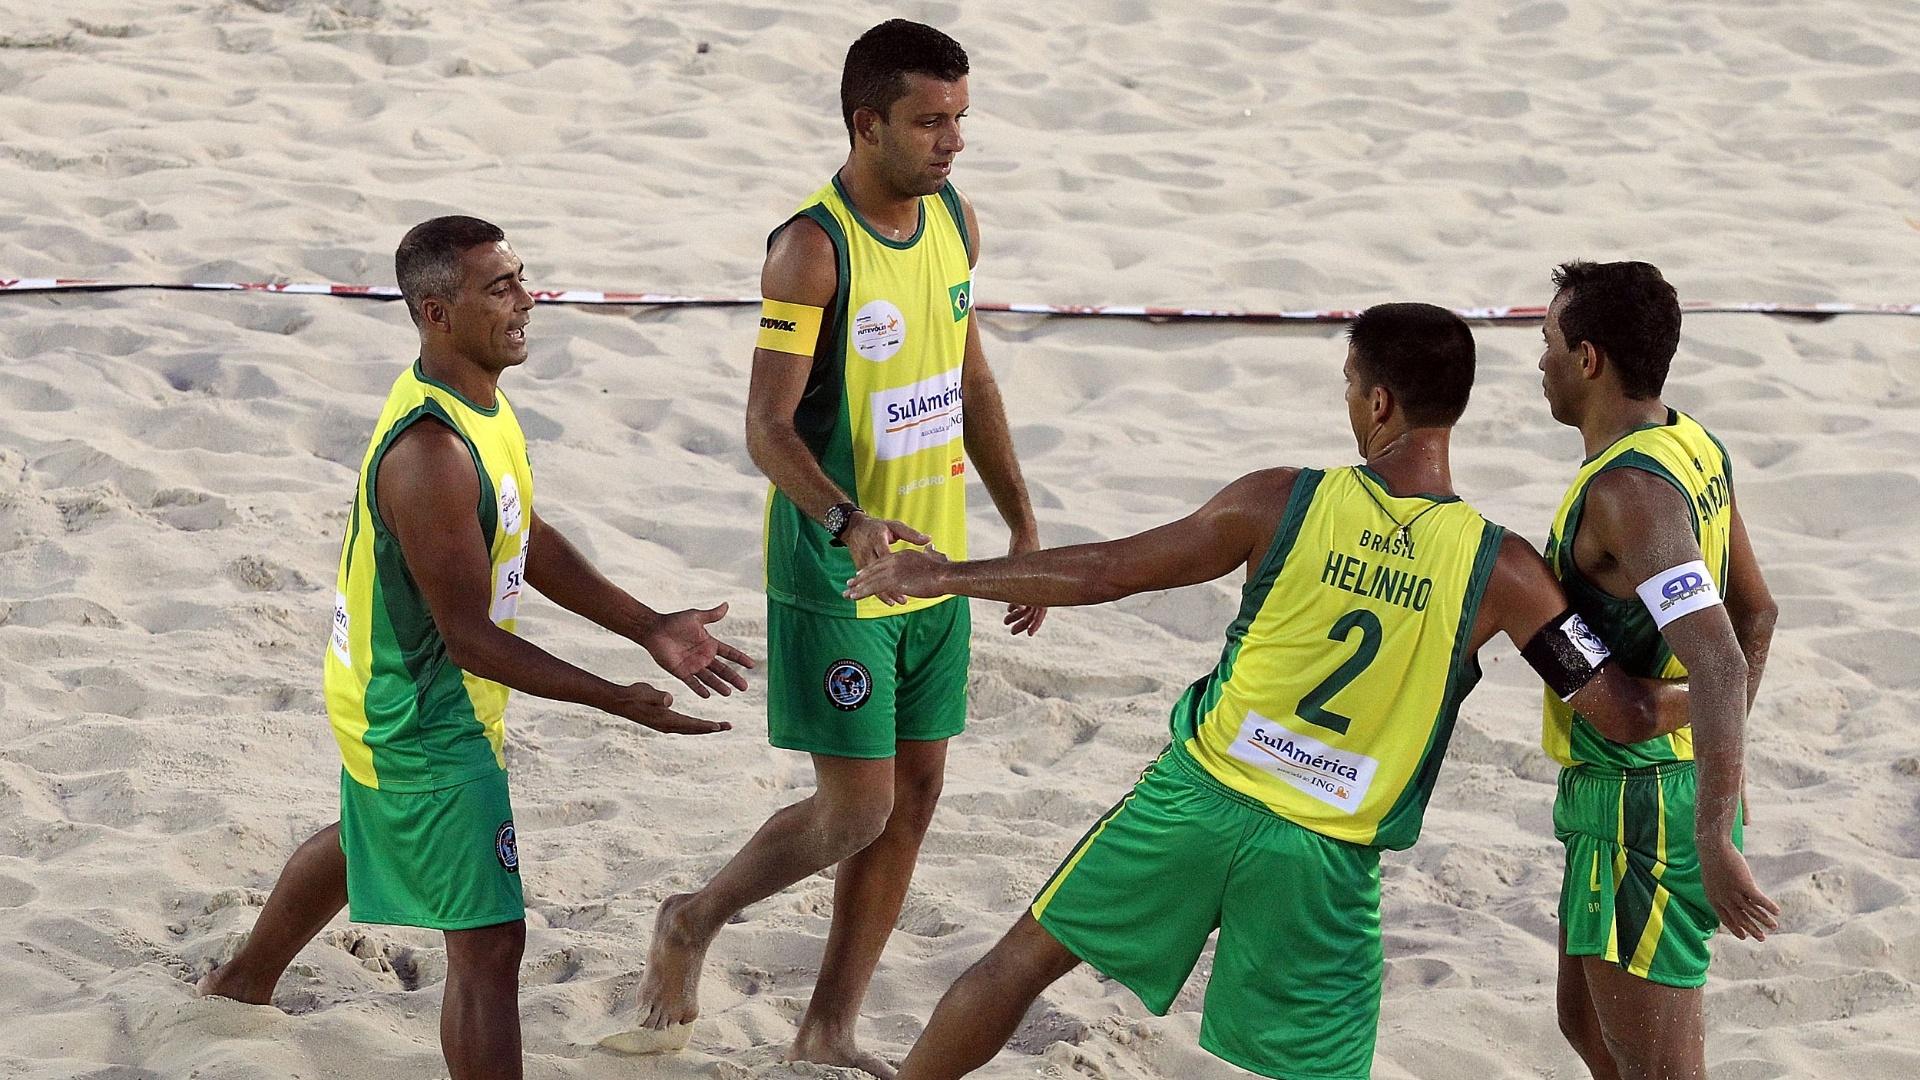 Romário cumprimenta os companheiros de seleção após partida no Mundial 4x4 de Futevôlei, em Copacabana